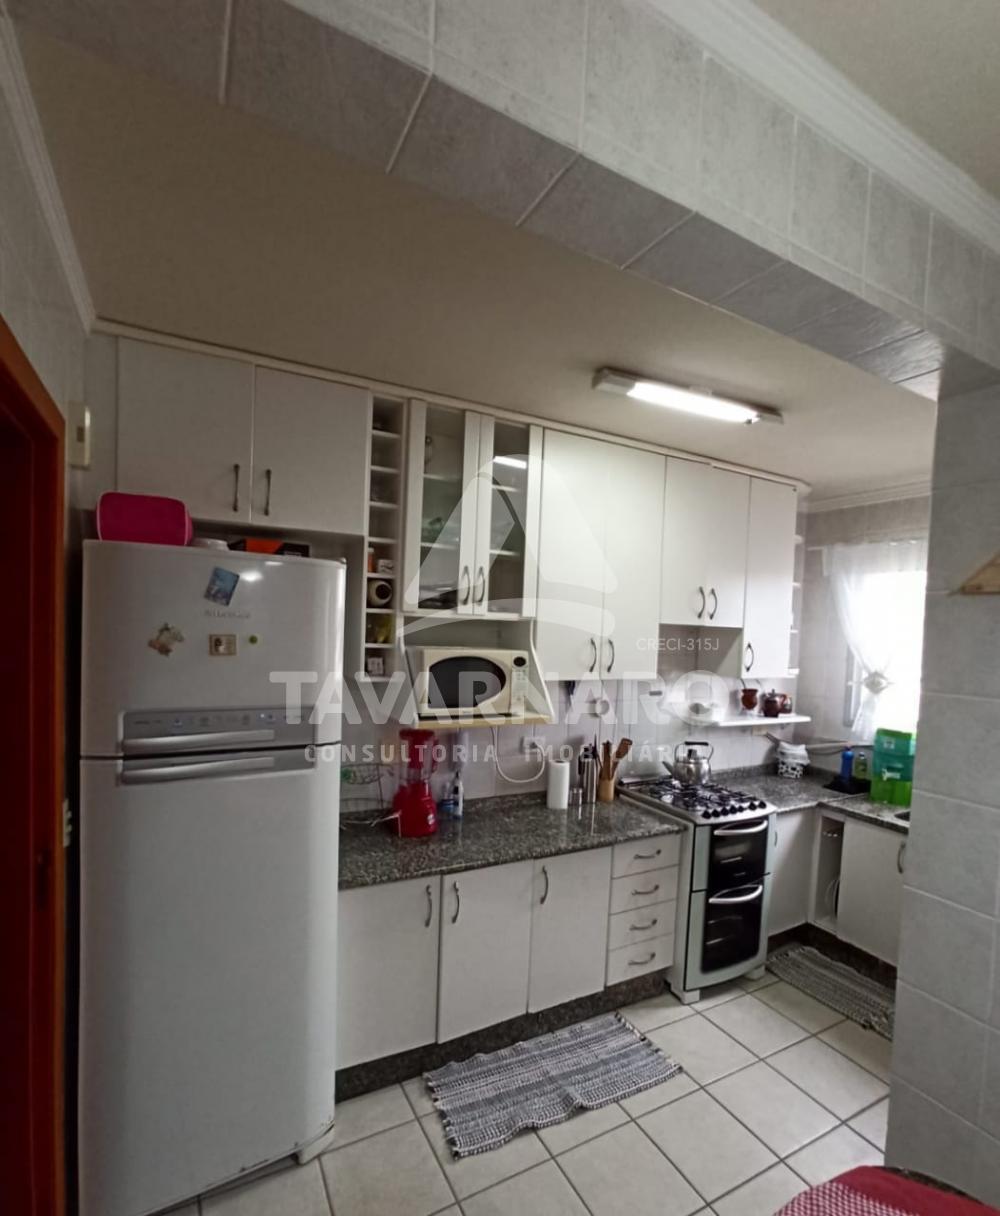 Comprar Apartamento / Padrão em Ponta Grossa R$ 270.000,00 - Foto 18